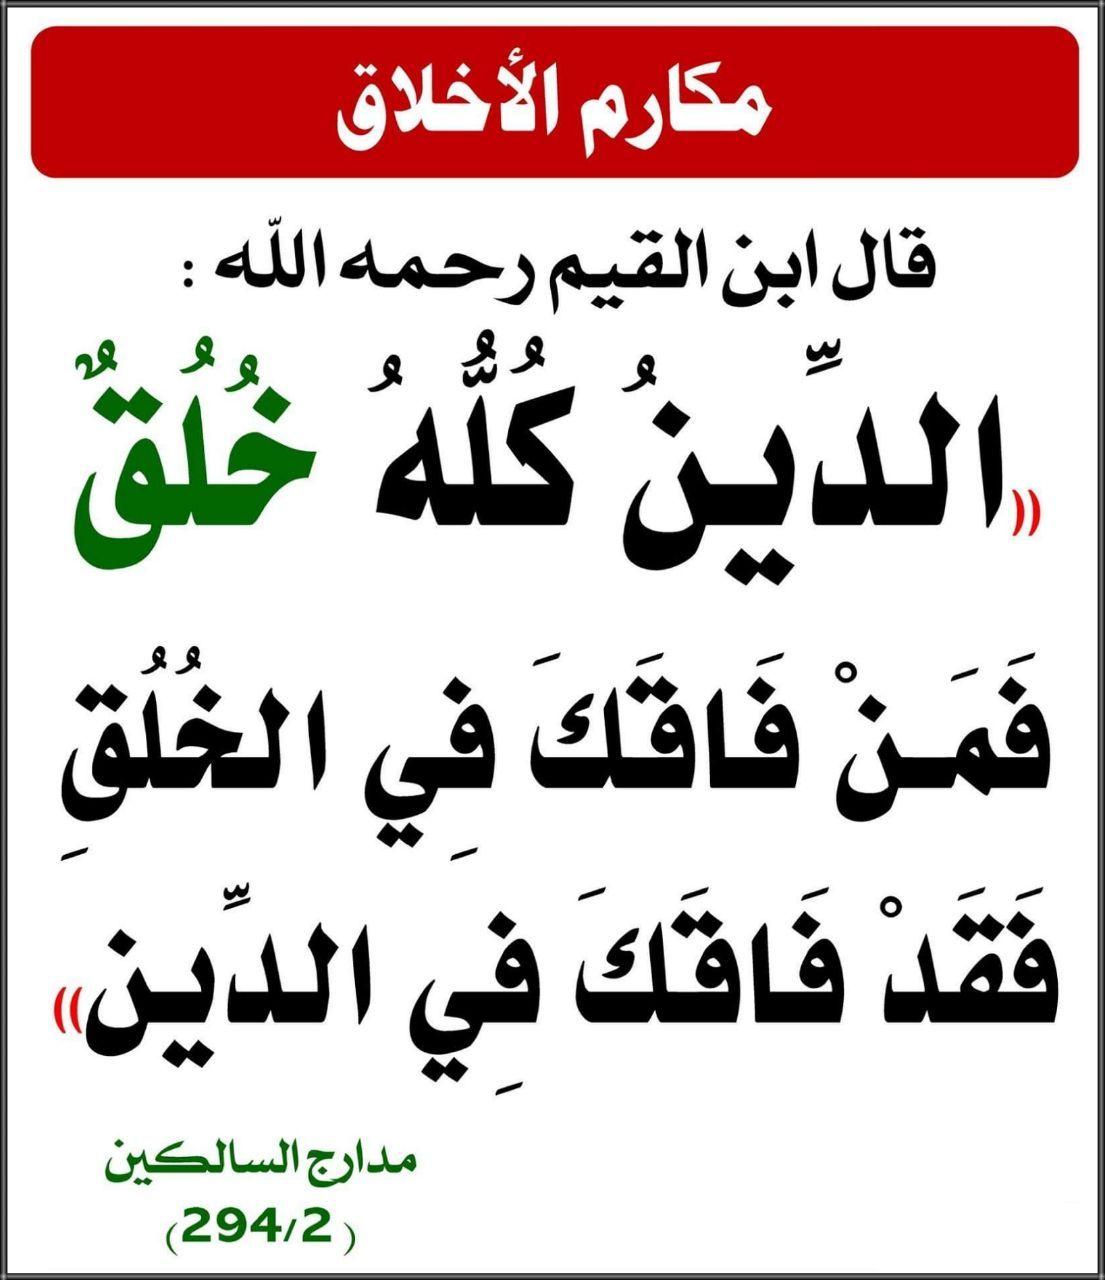 ابن القيم Quran Quotes Inspirational Islamic Inspirational Quotes Islamic Quotes